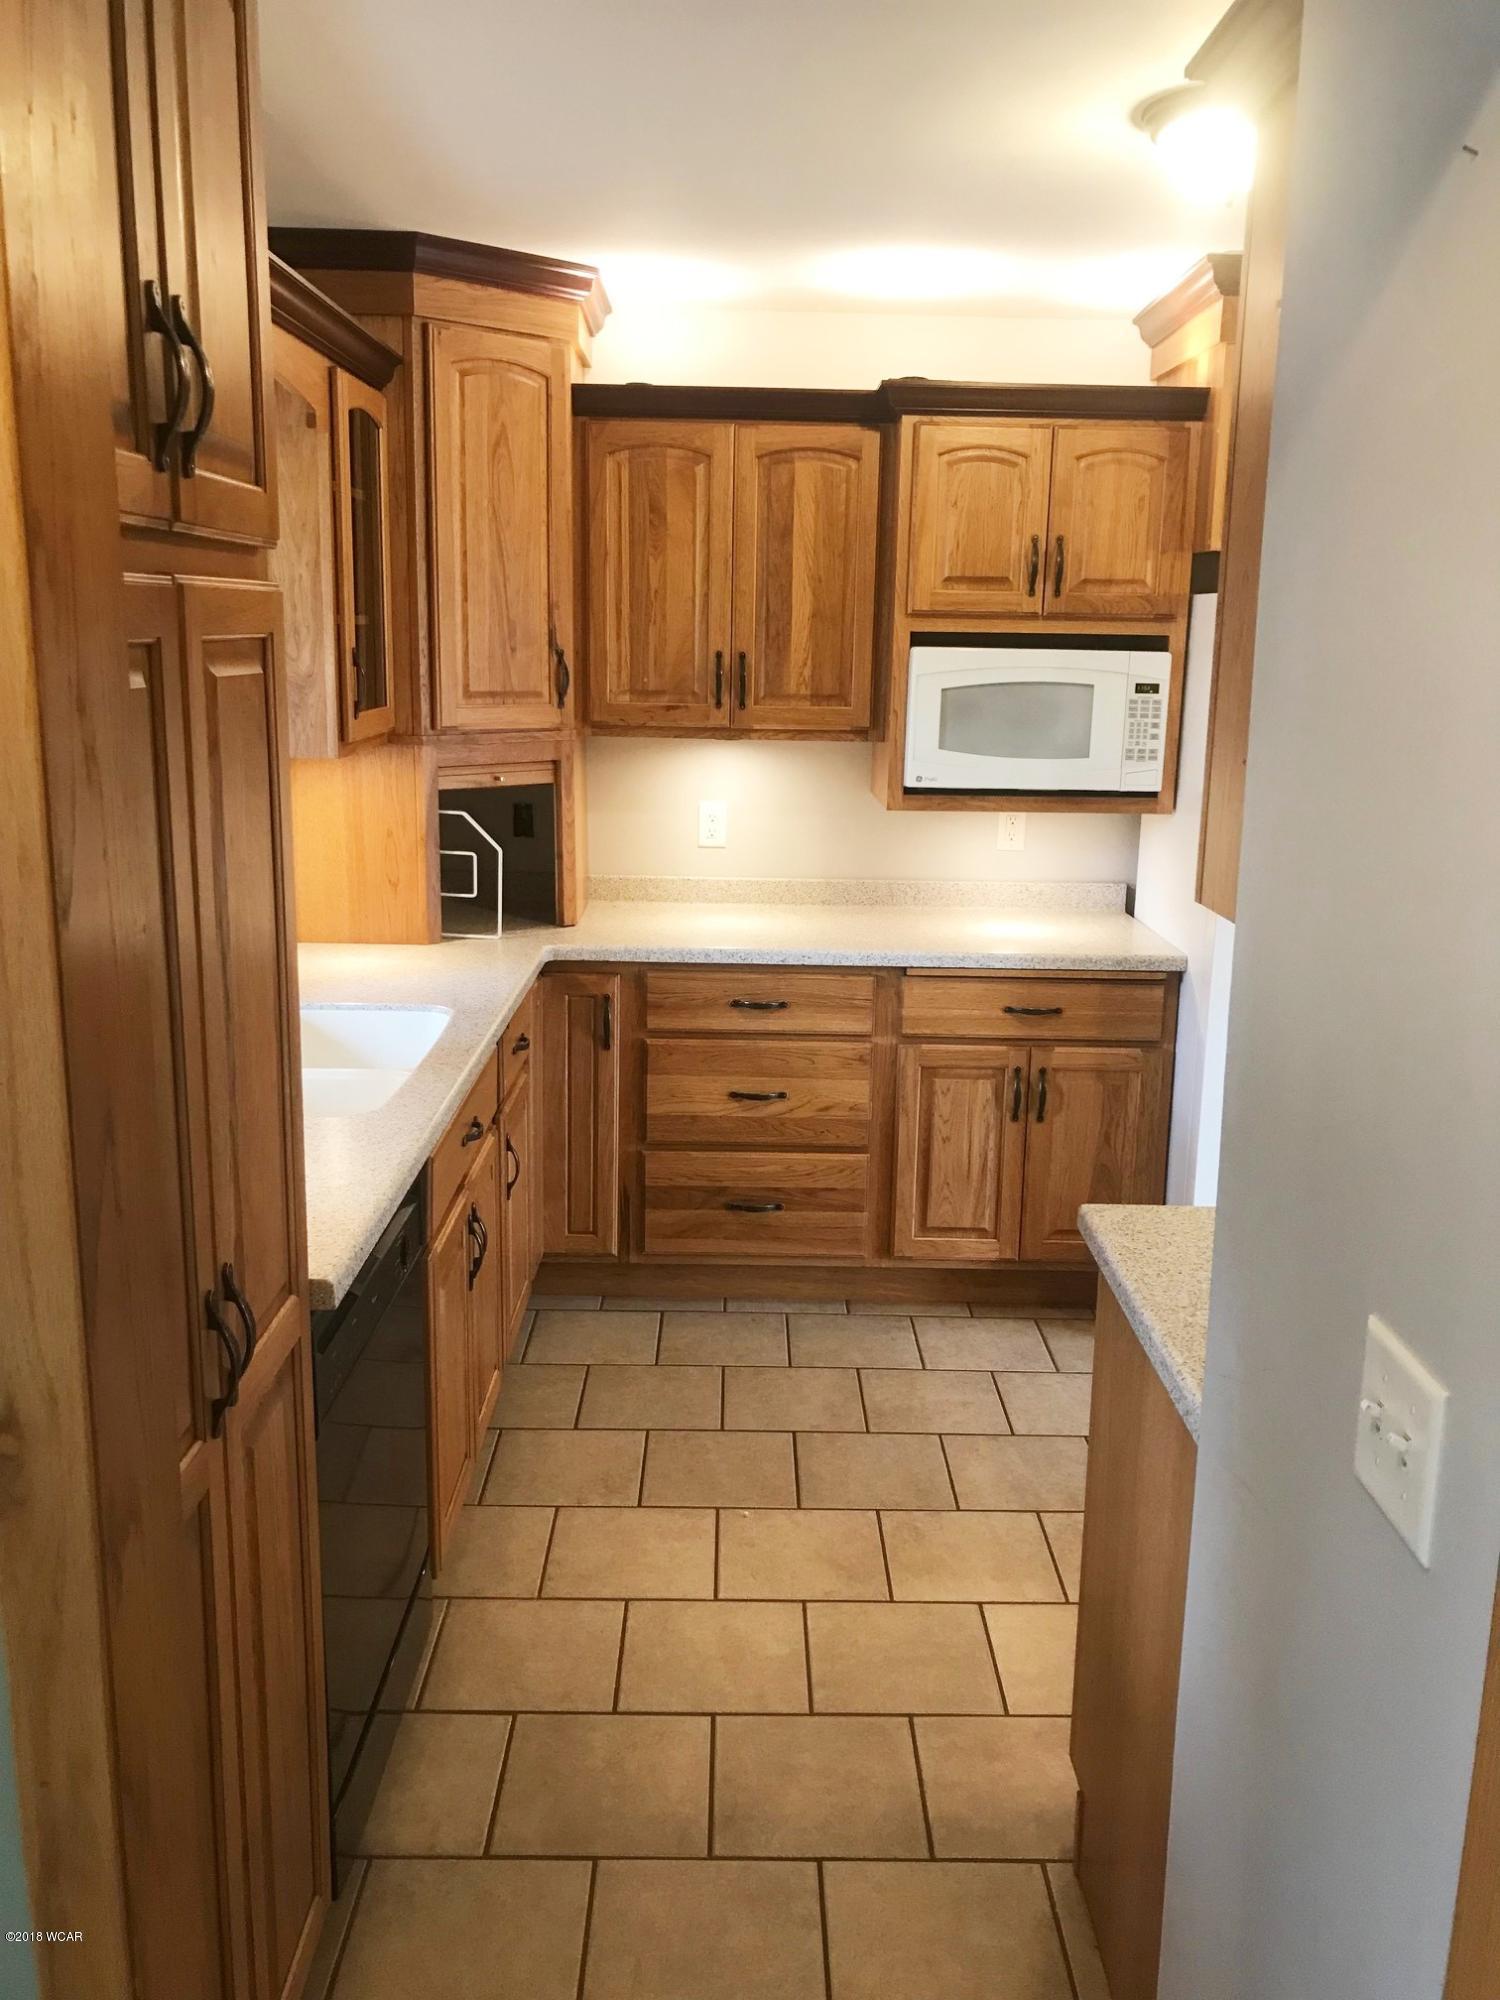 1010 5 Street,Willmar,3 Bedrooms Bedrooms,1 BathroomBathrooms,Single Family,5 Street,6032692